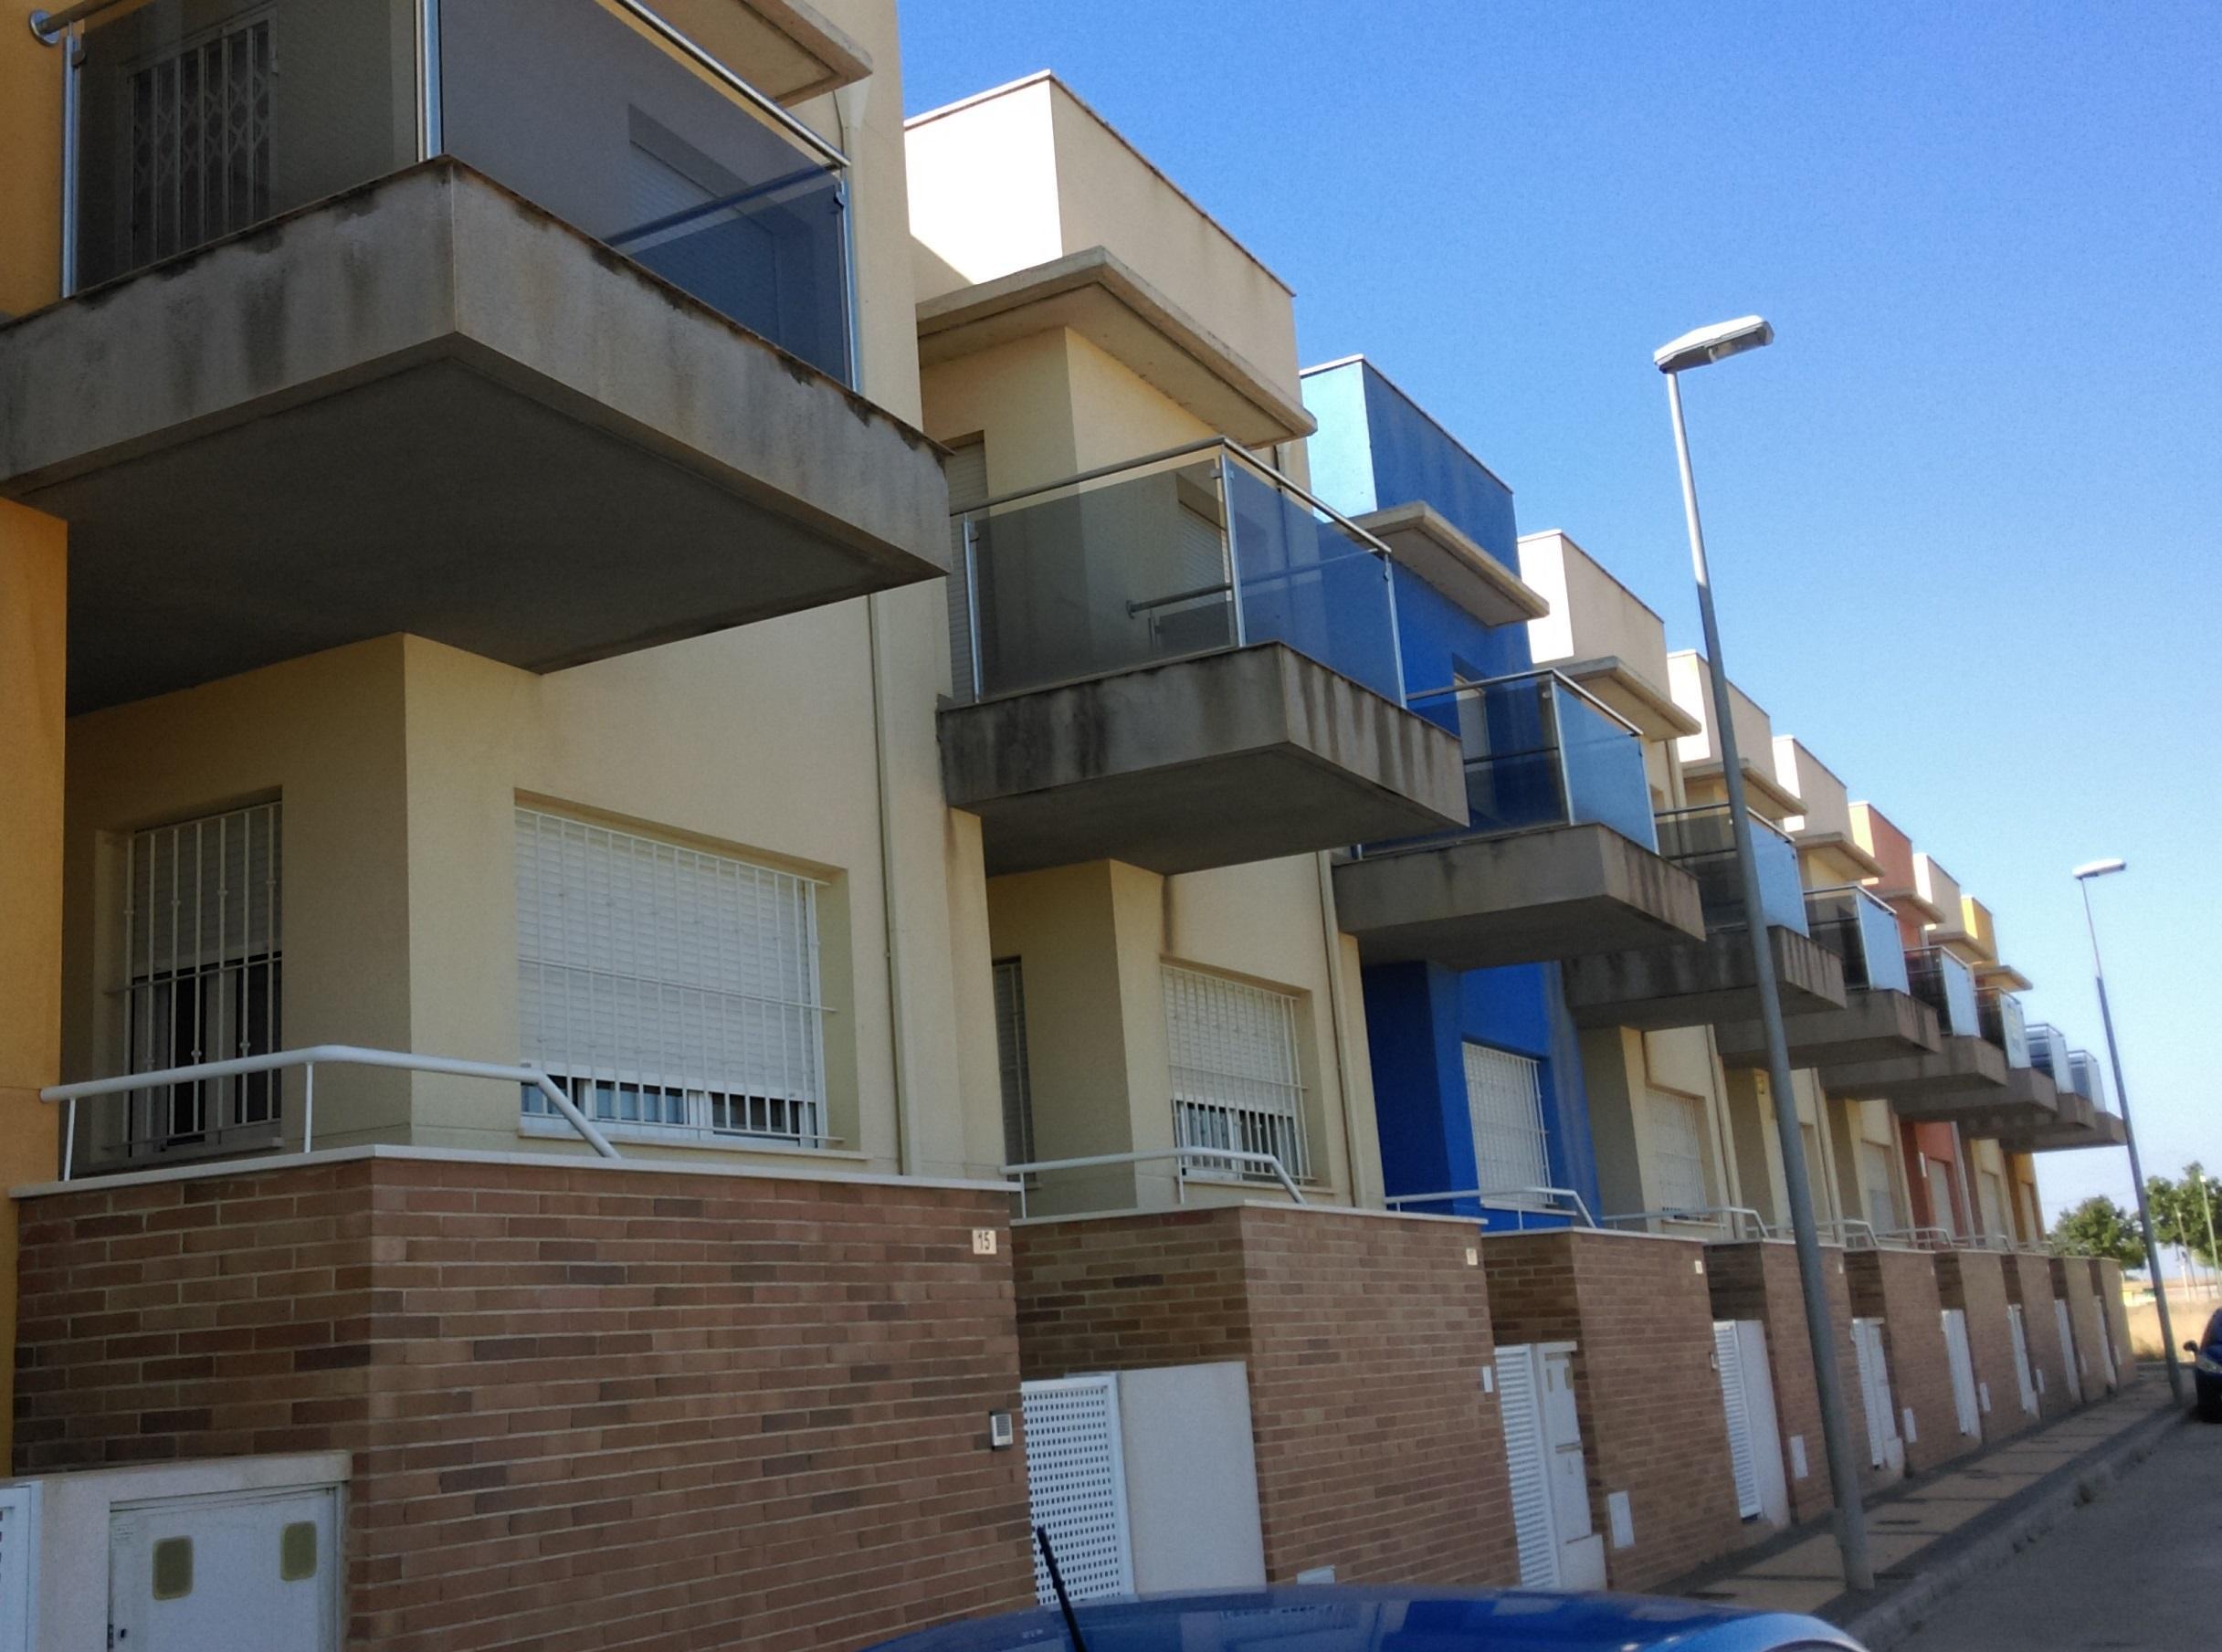 Casa en venta en Diputación de Pozo Estrecho, Torre-pacheco, Murcia, Calle Mirlo, 130.900 €, 4 habitaciones, 2 baños, 209 m2